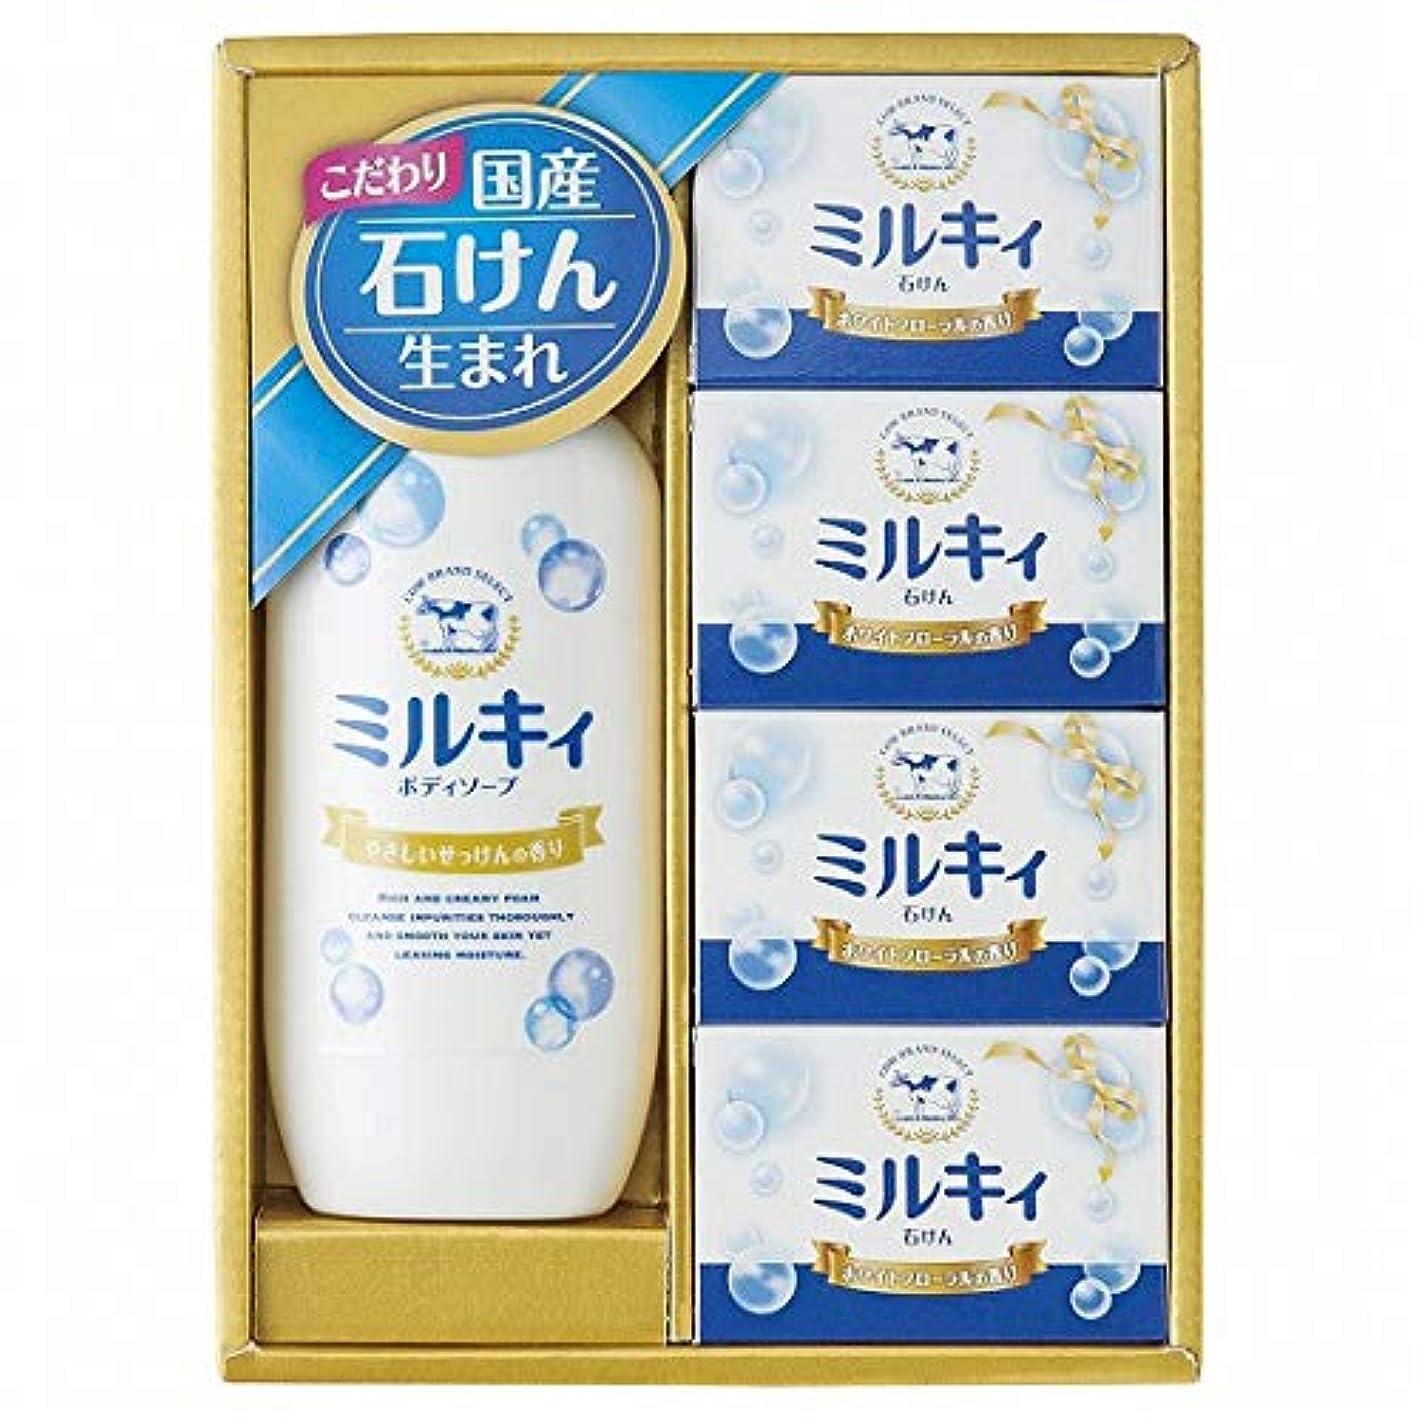 ヘッドレス教え権限を与える牛乳石鹸 カウブランドセレクトギフトセット